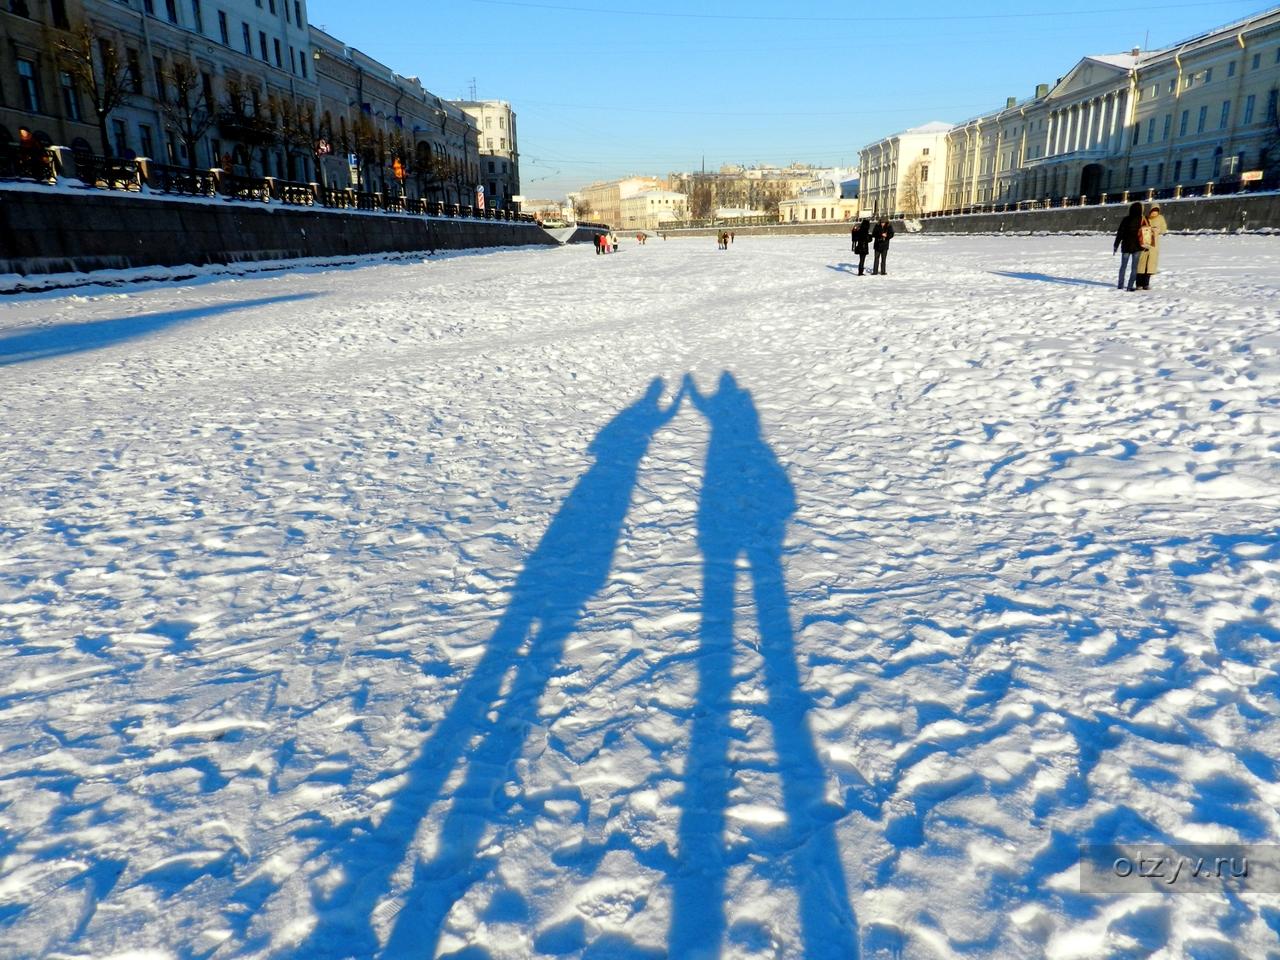 телефоны офиса фото питера зимой с людьми лыткарино